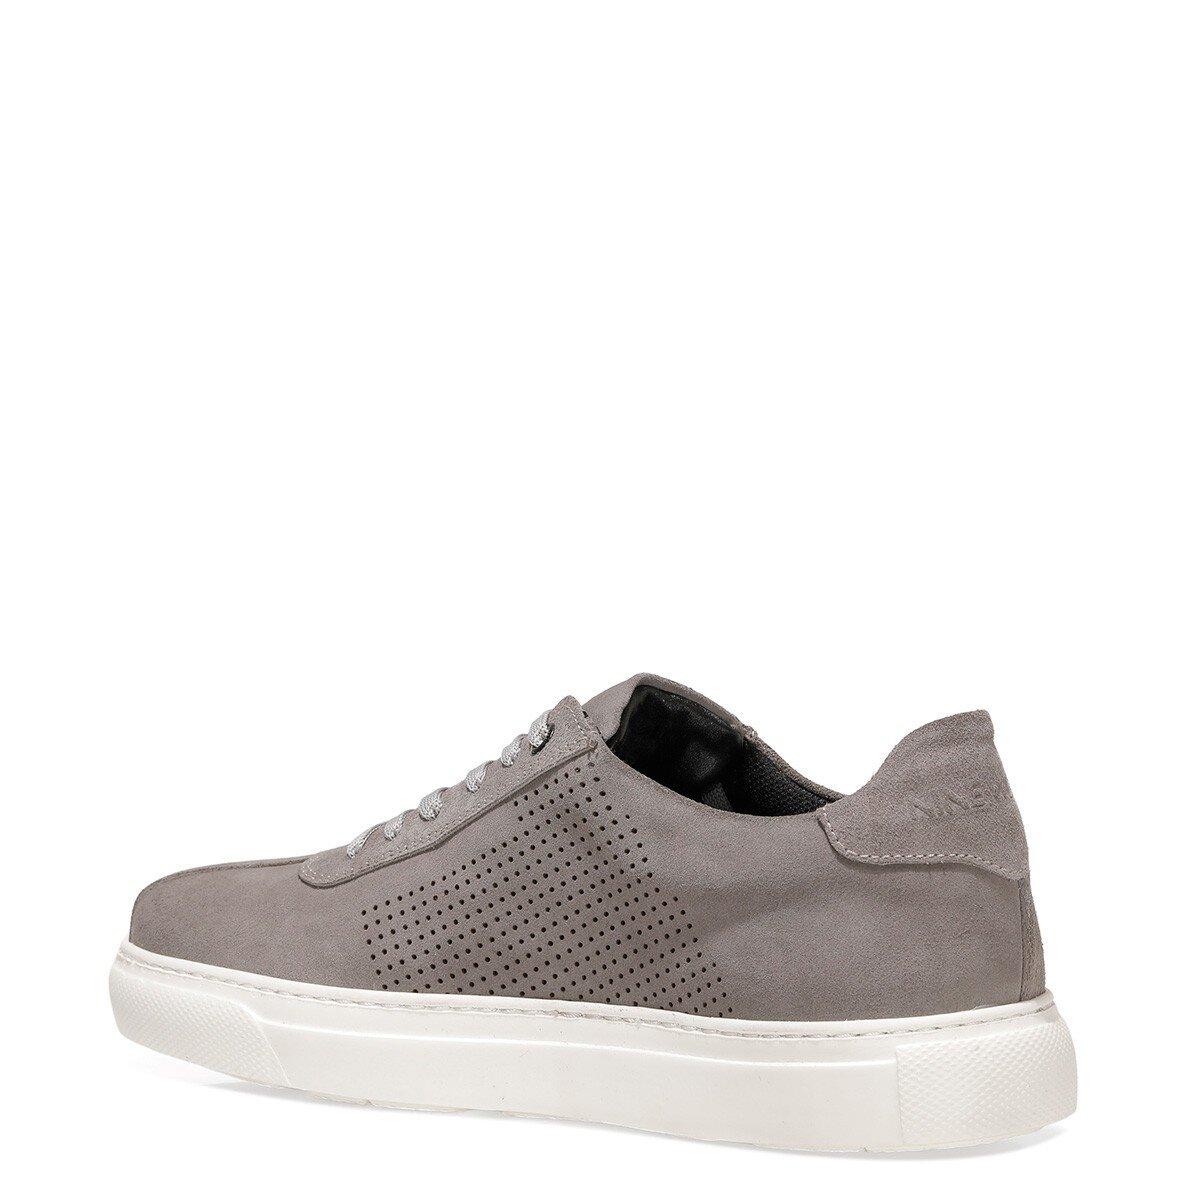 MERA 1FX Gri Erkek Sneaker